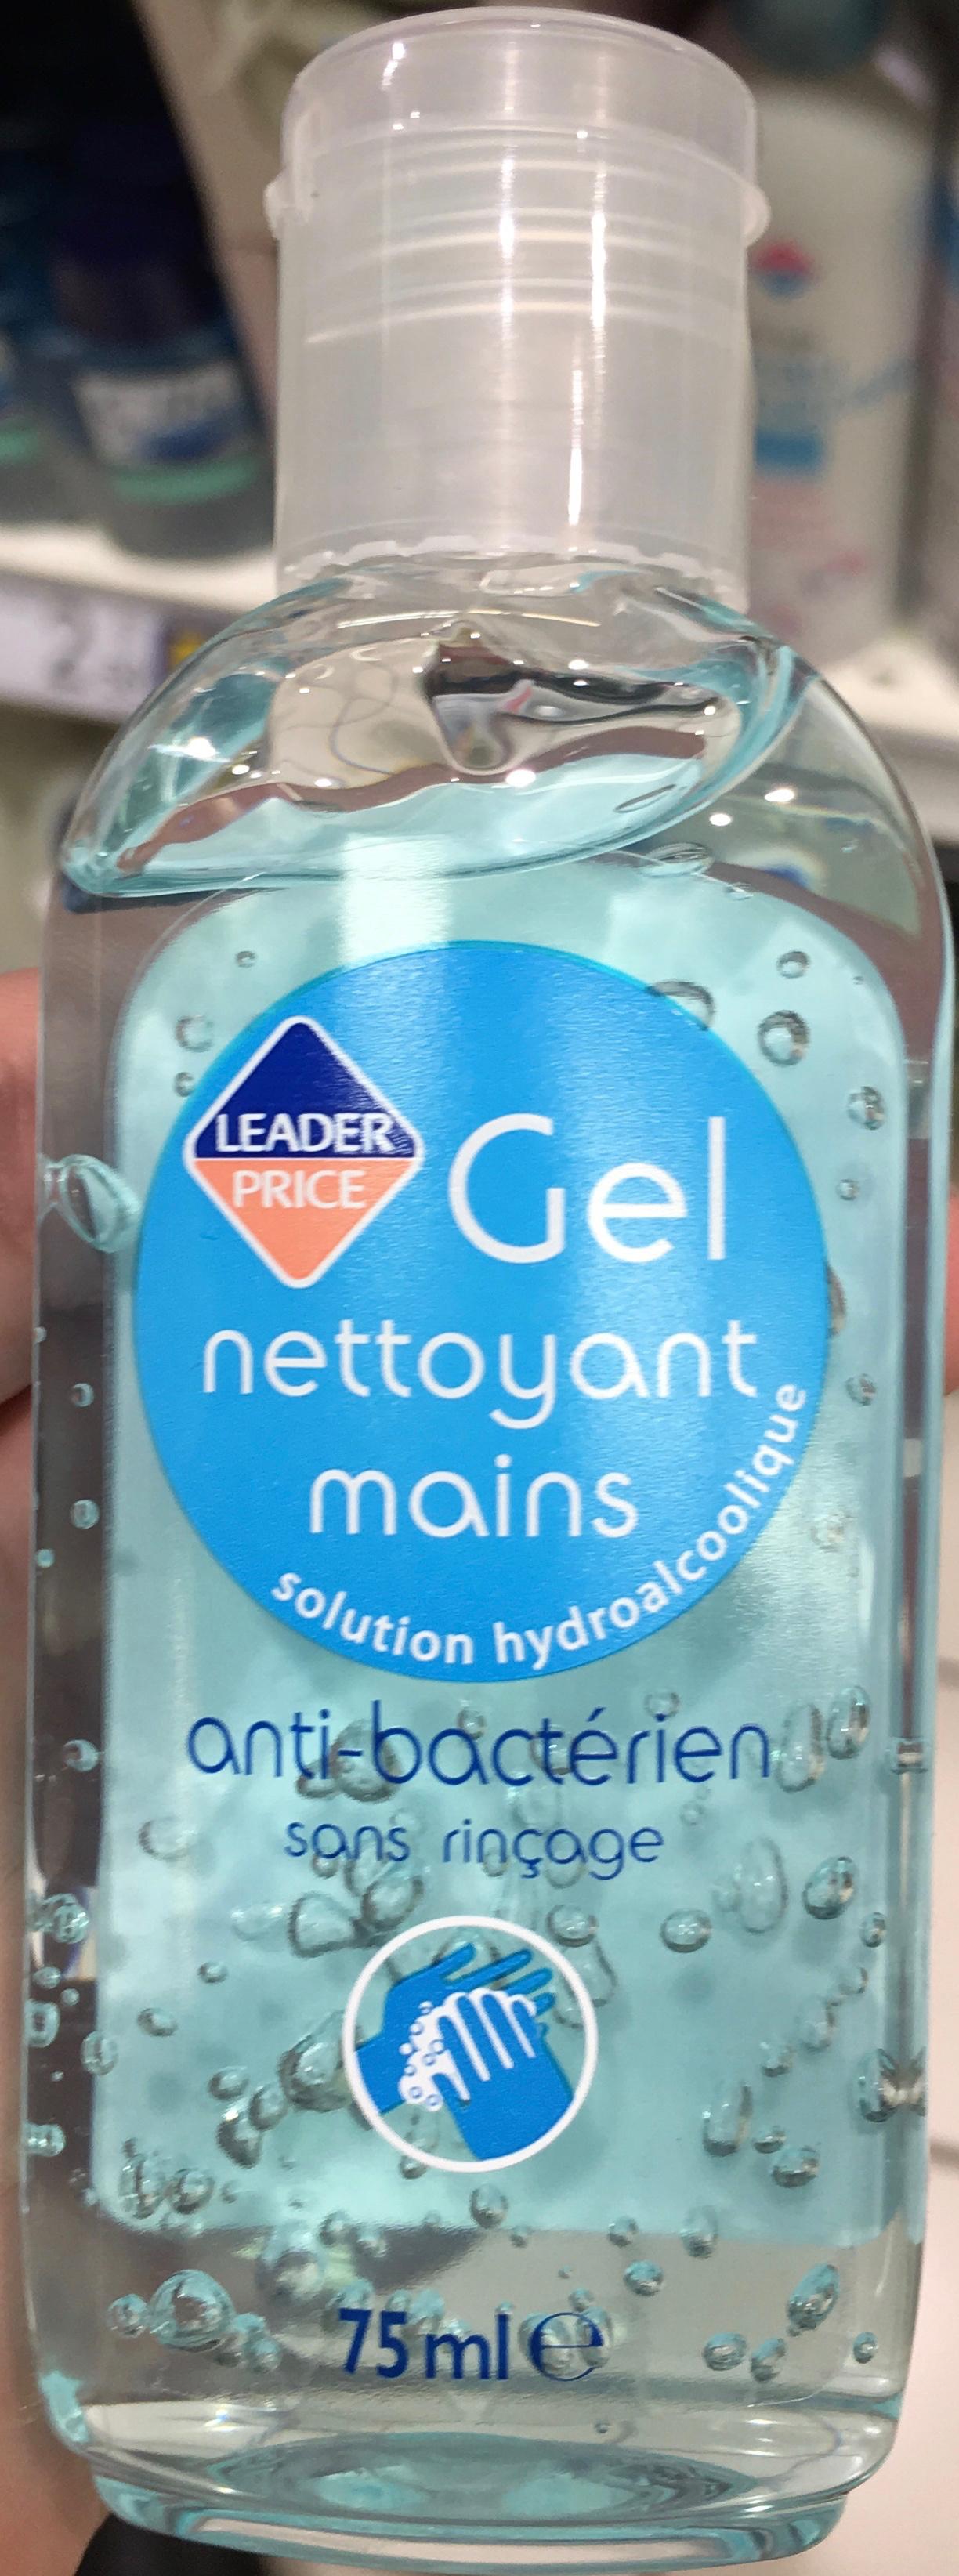 Gel nettoyant mains anti bactérien sans rinçage - Produit - fr